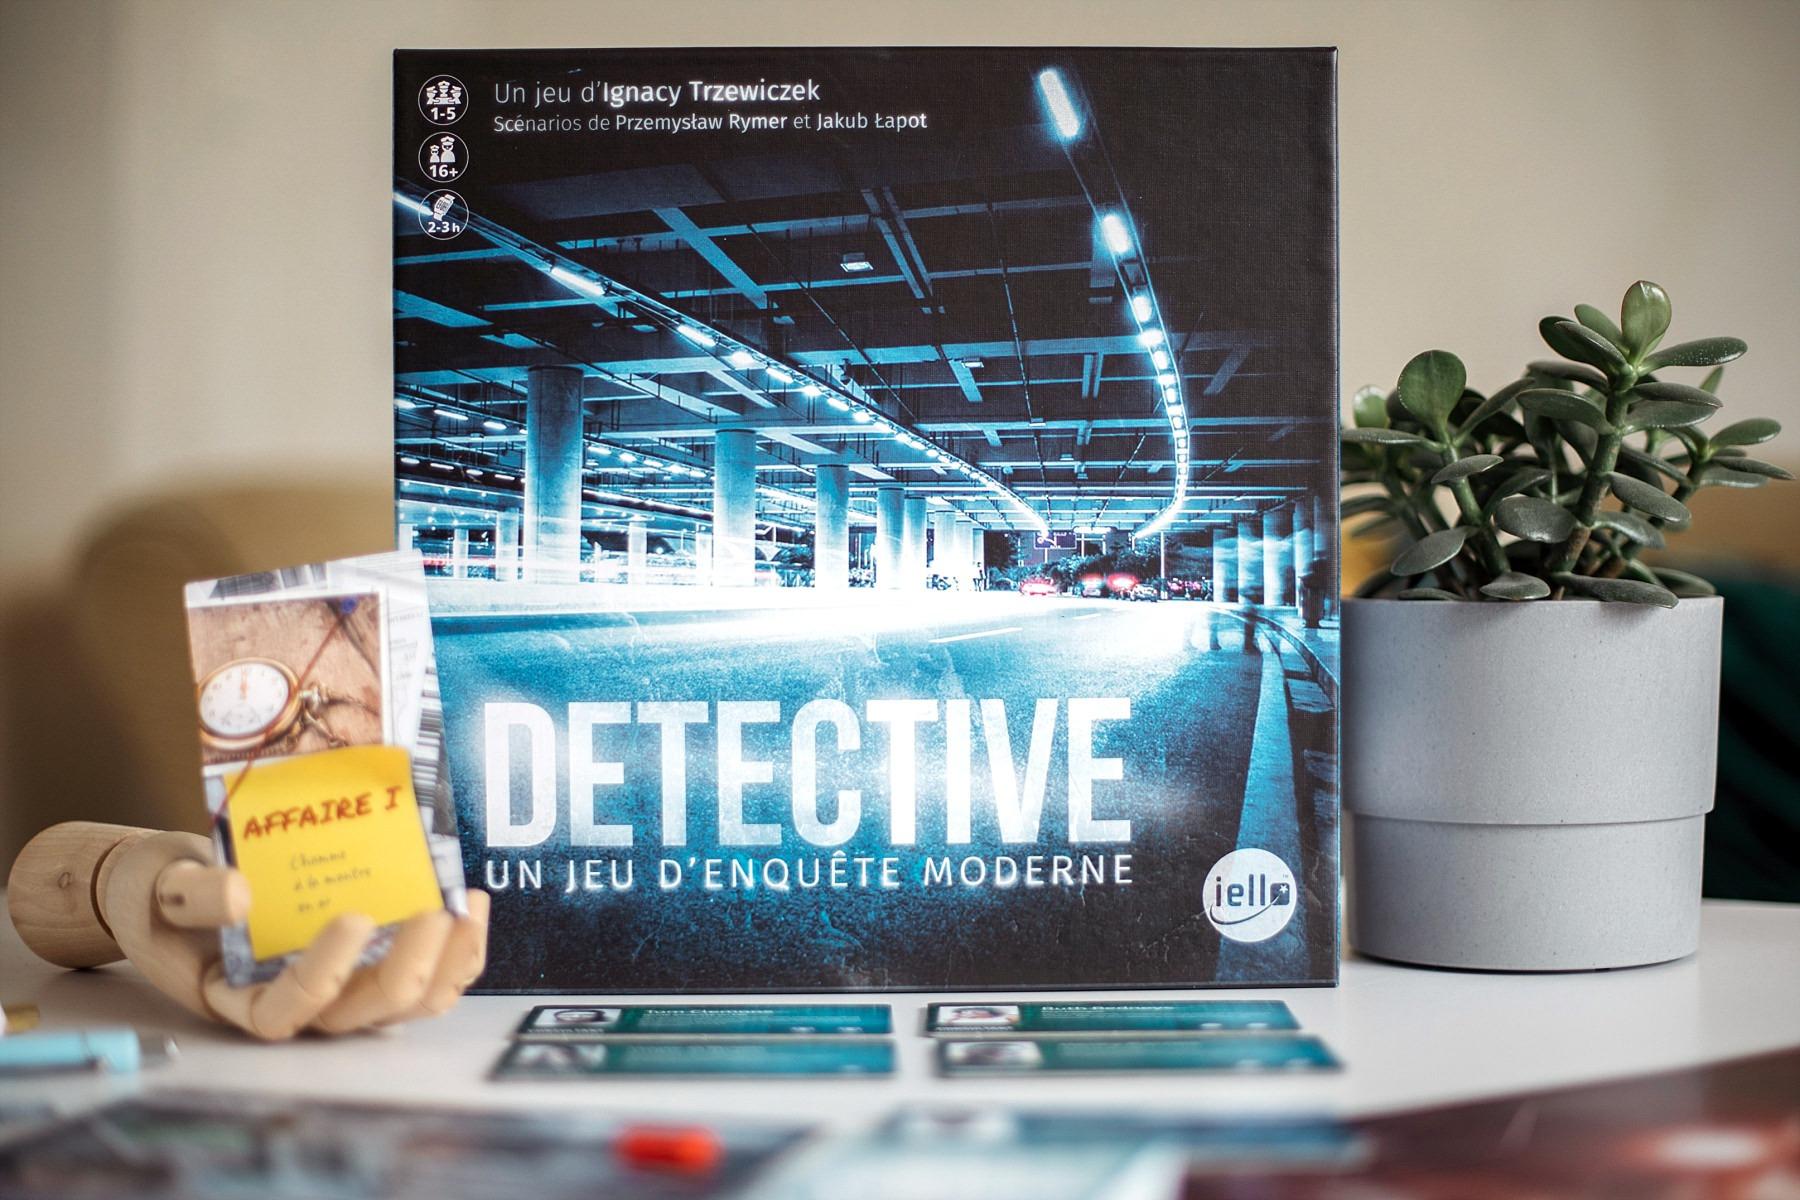 Detective iello